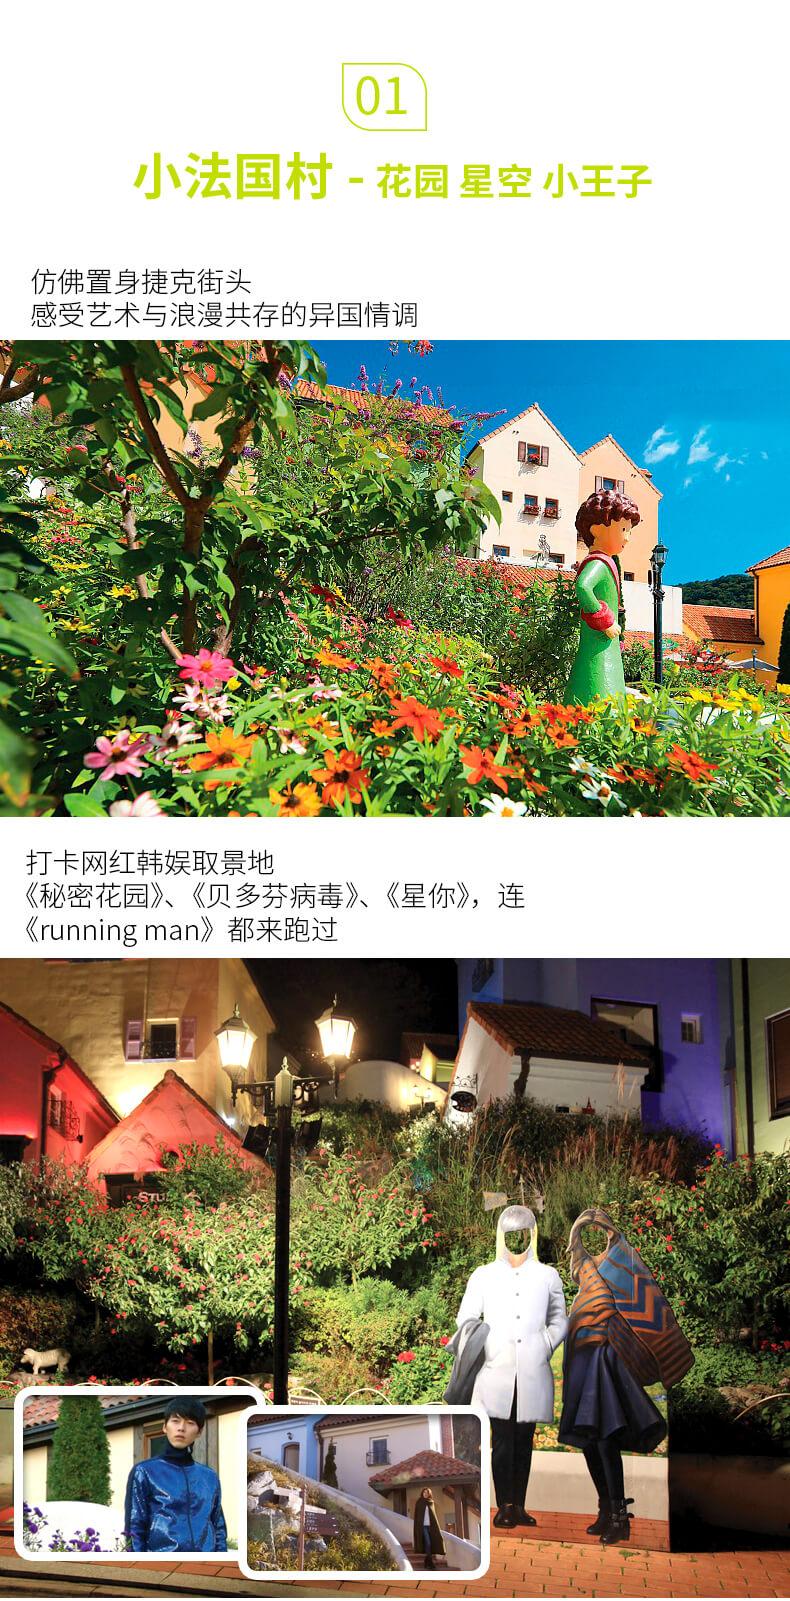 南怡岛+小法国村+铁路自行车一日游-详情页_08.jpg